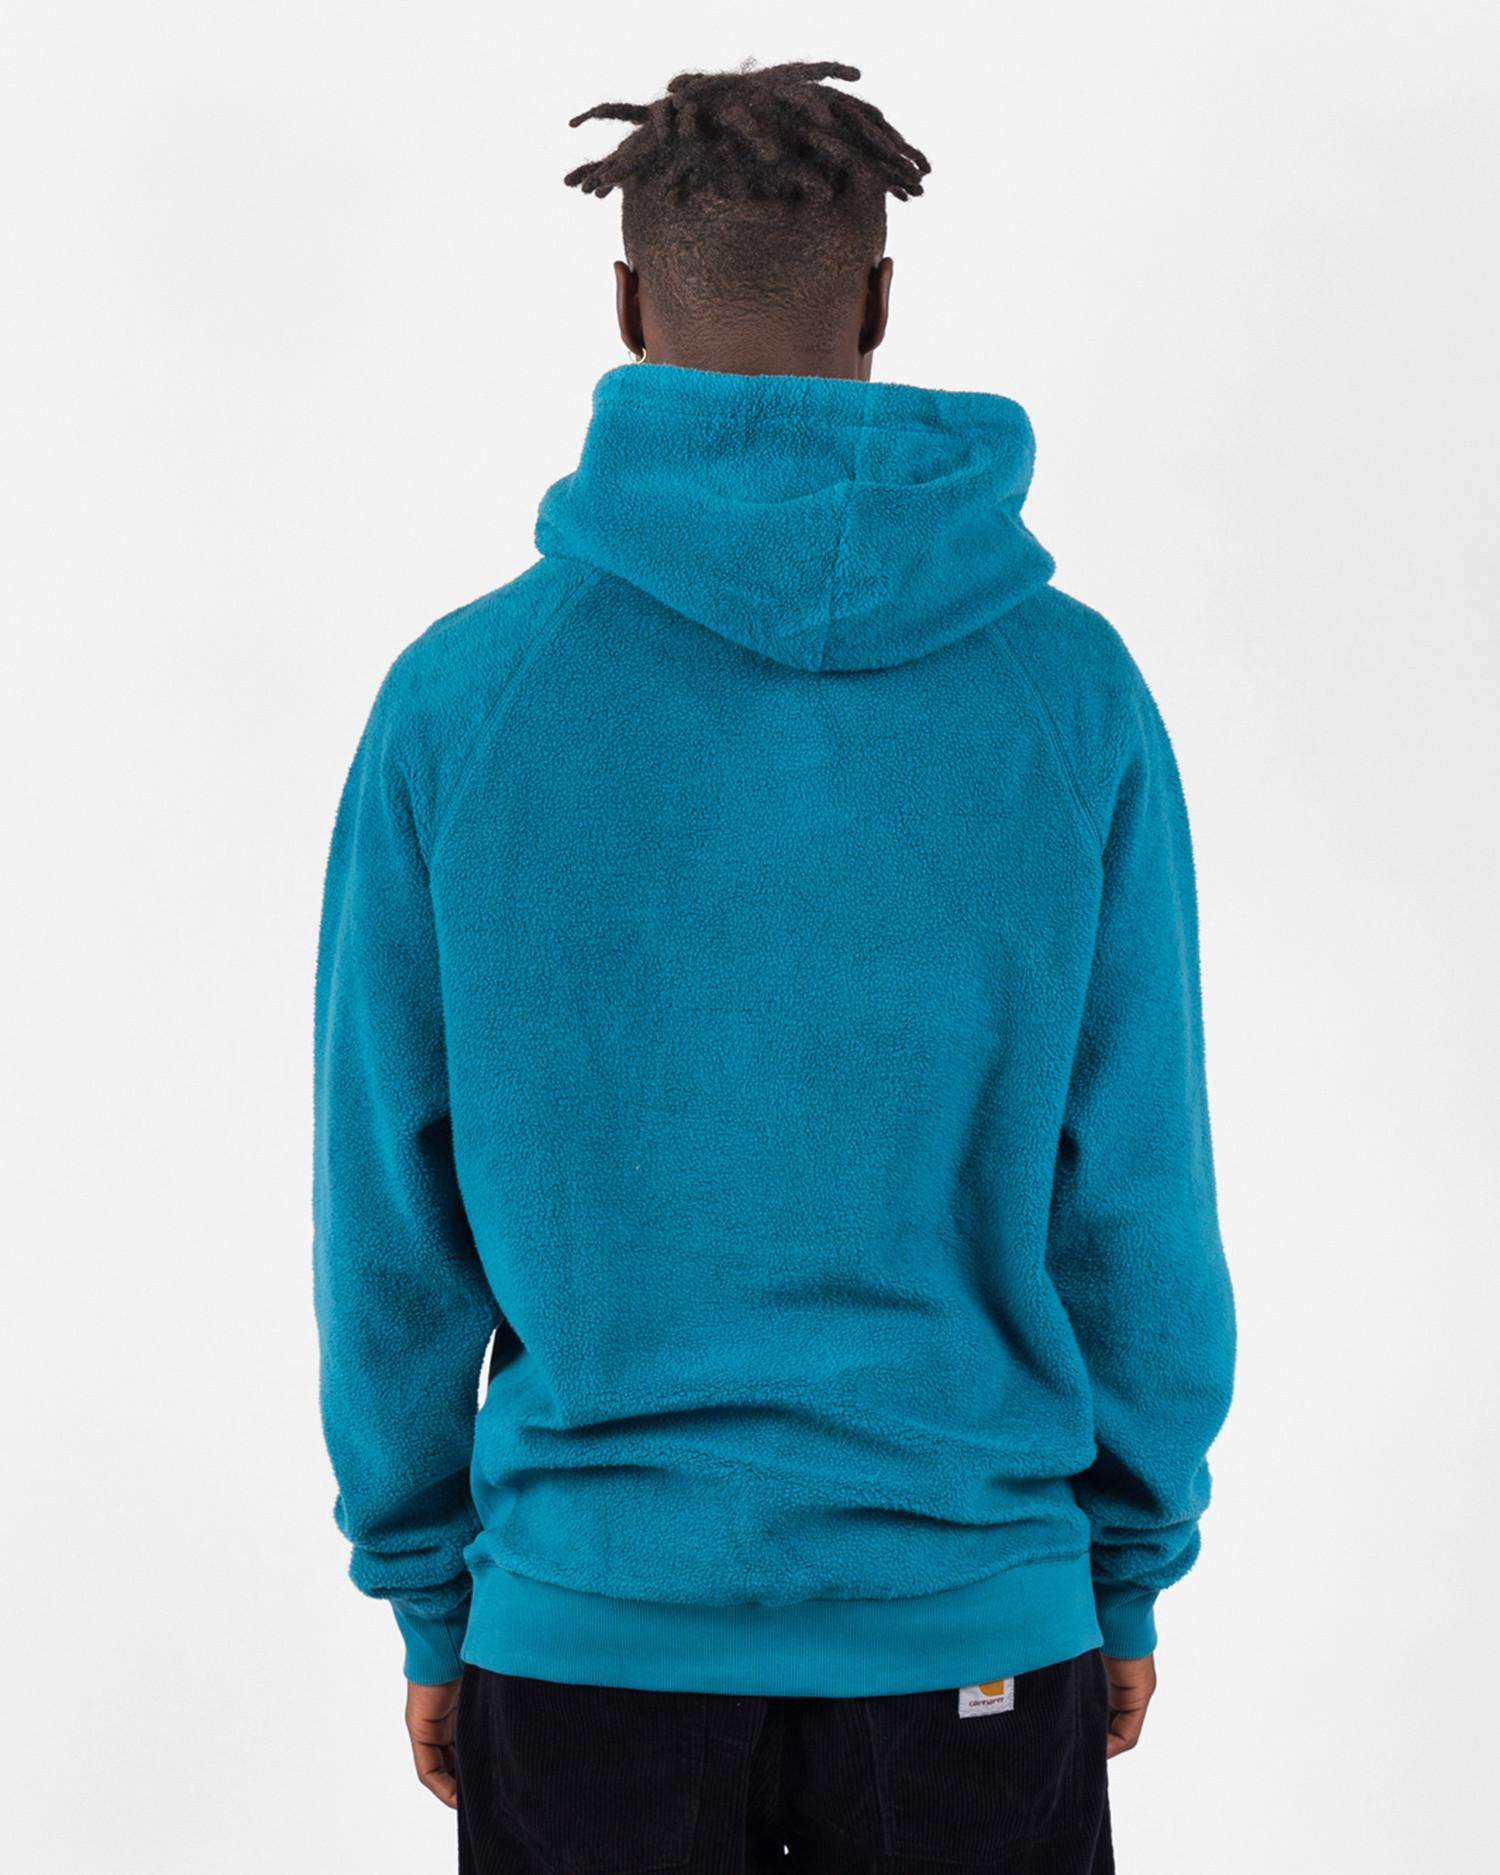 Chrystie NYC Prm Reversed Fleece Classic Logo Hoodie Teal